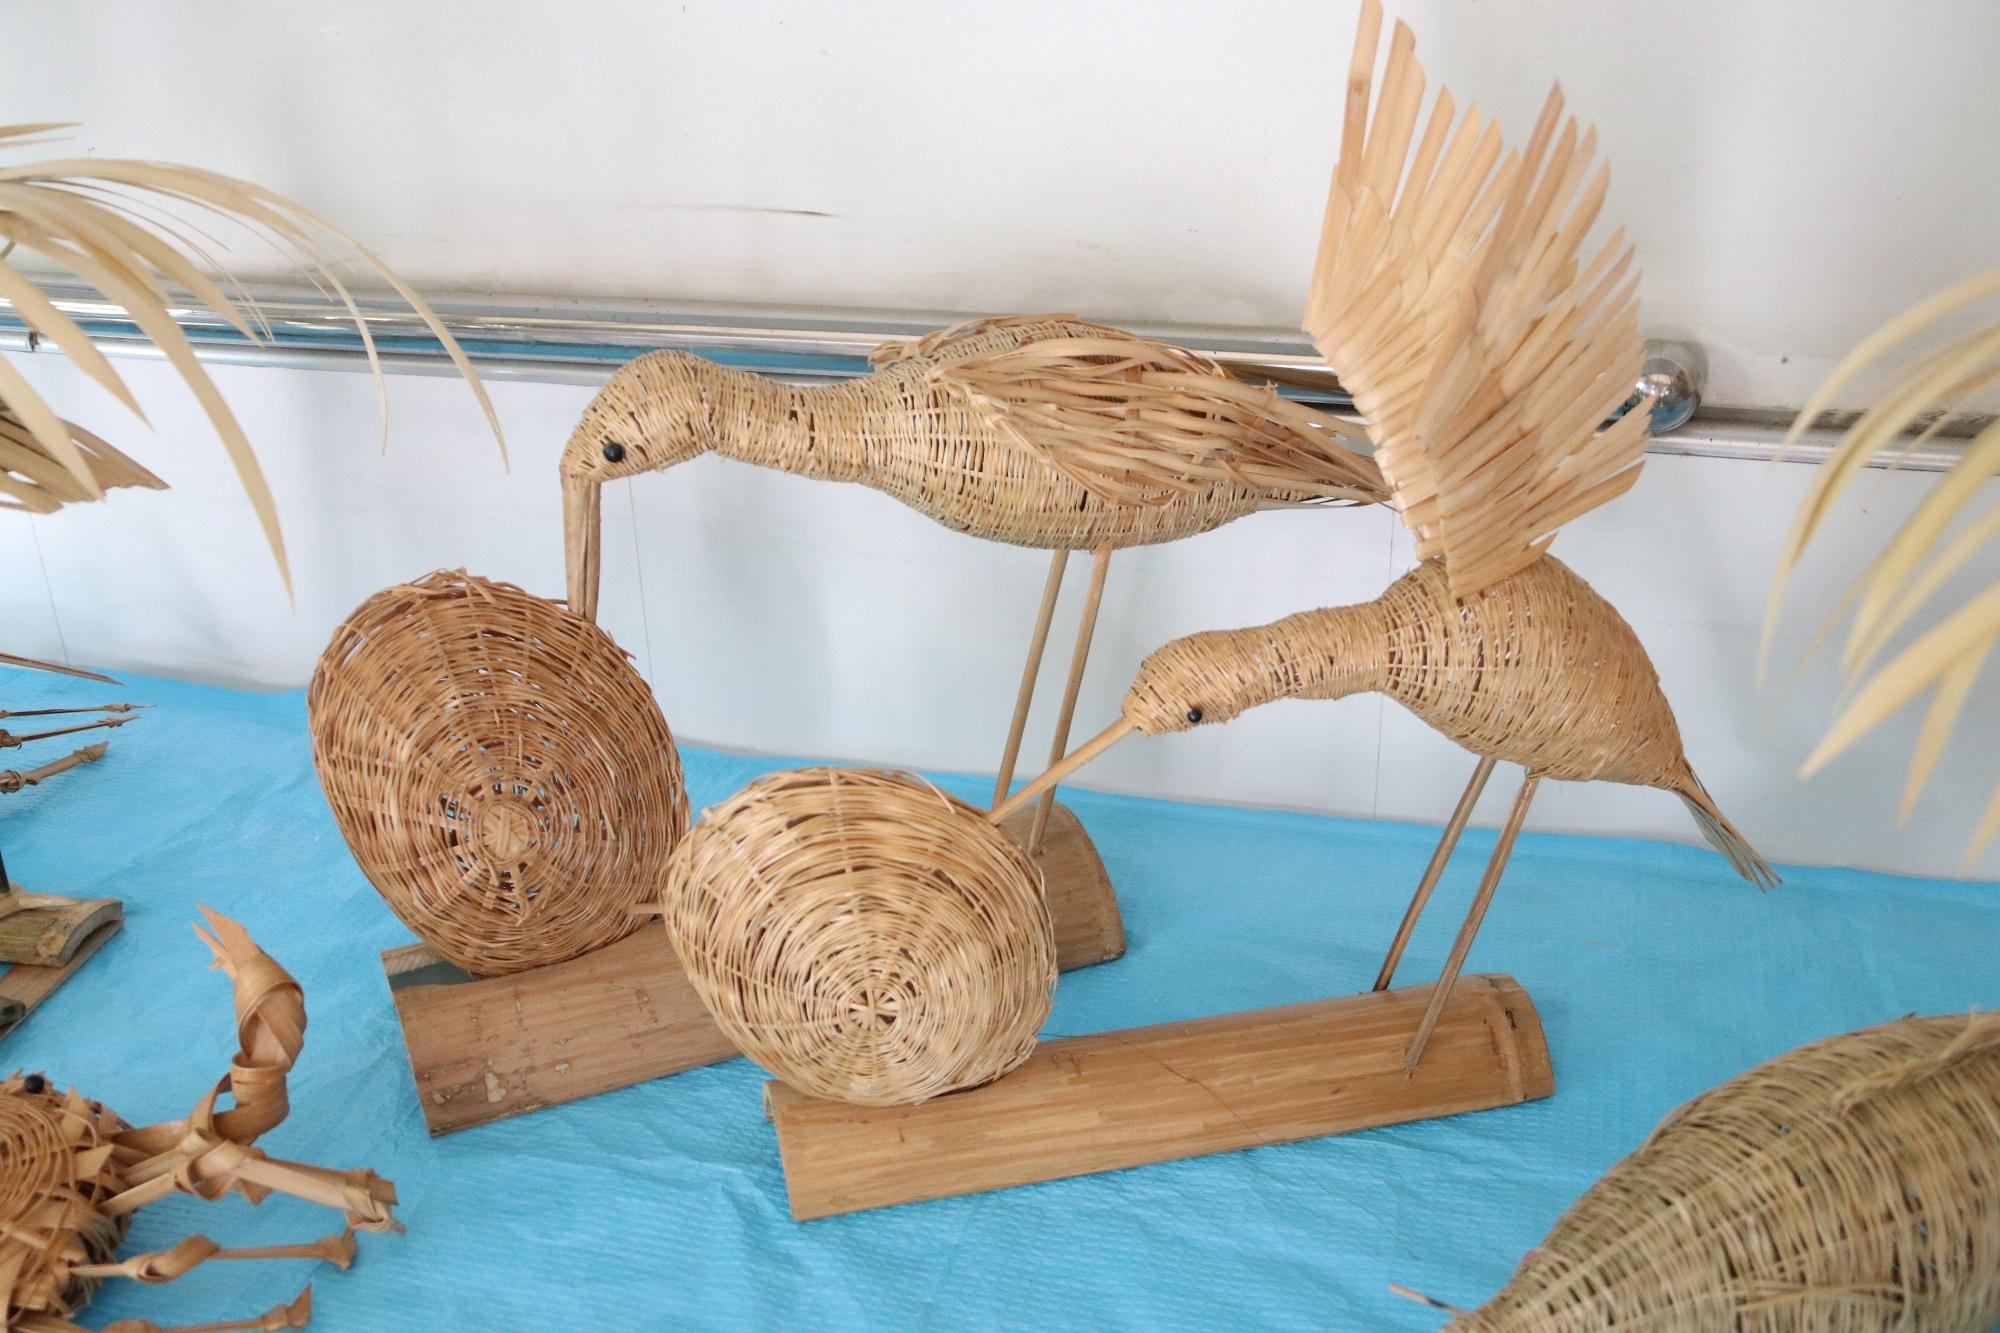 73岁竹编达人自制创意作品,飞鸟、螃蟹、孔雀无不栩栩如生